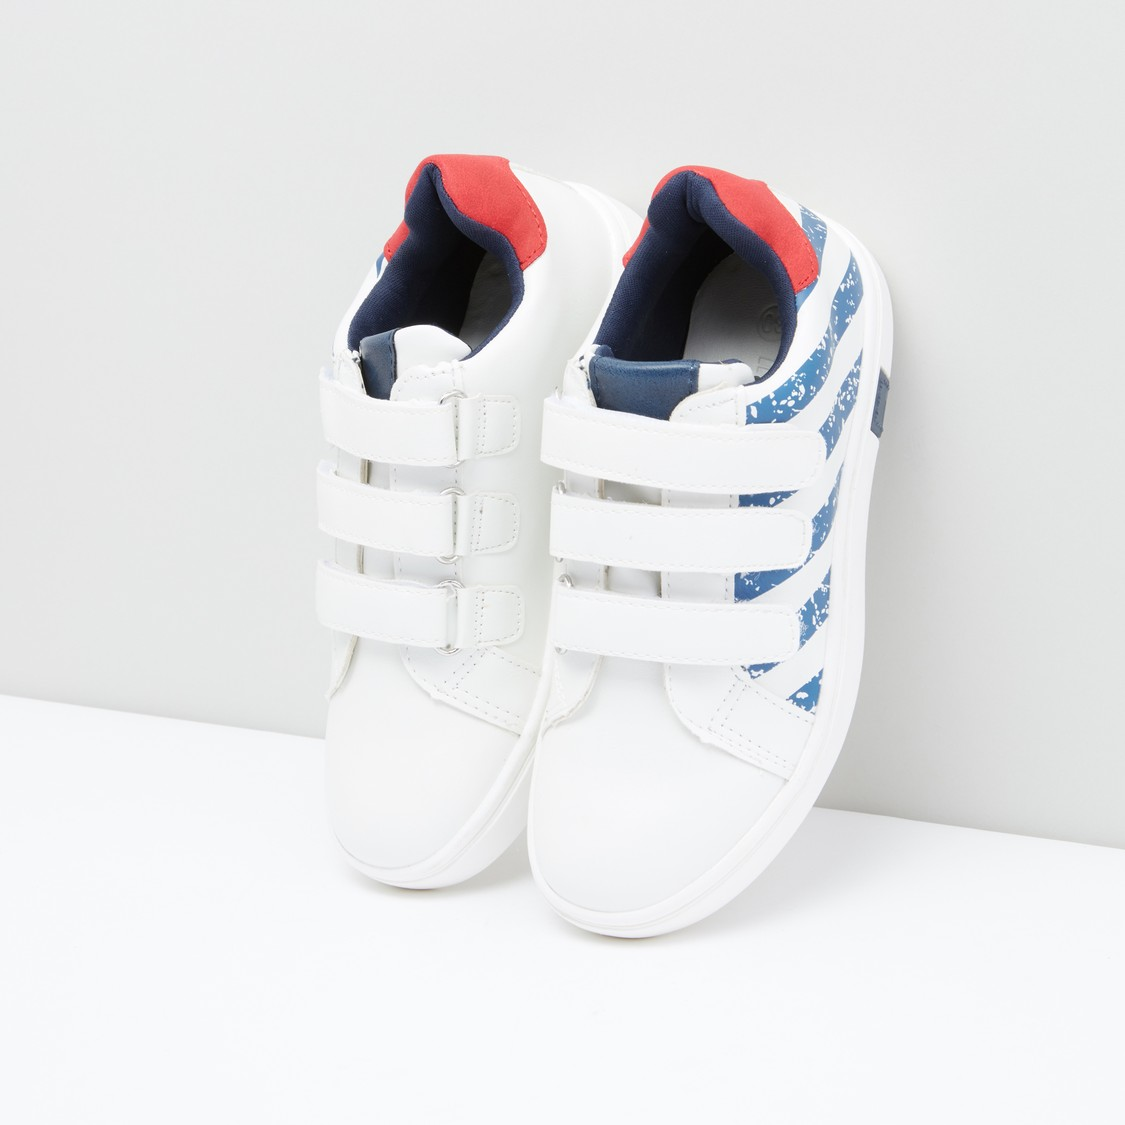 Printed Sneakers with Hook and Loop Closure